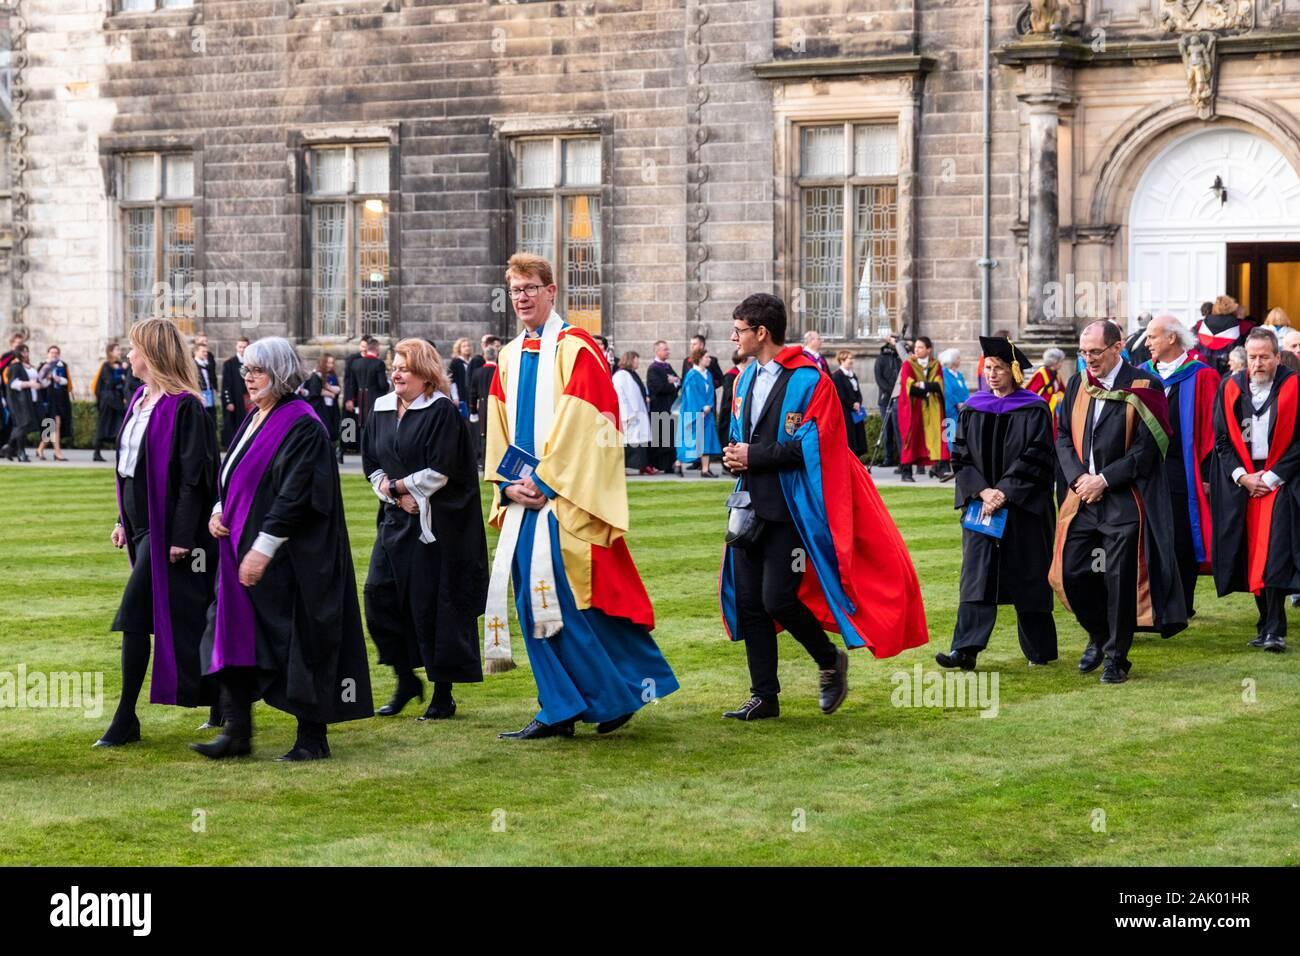 Después de la procesión de diciembre de 2019 Ceremonia de graduación de la Universidad de St Andrews que están teniendo lugar en el St Salvators Sallies quadrangle (Quad), St Andrews Foto de stock